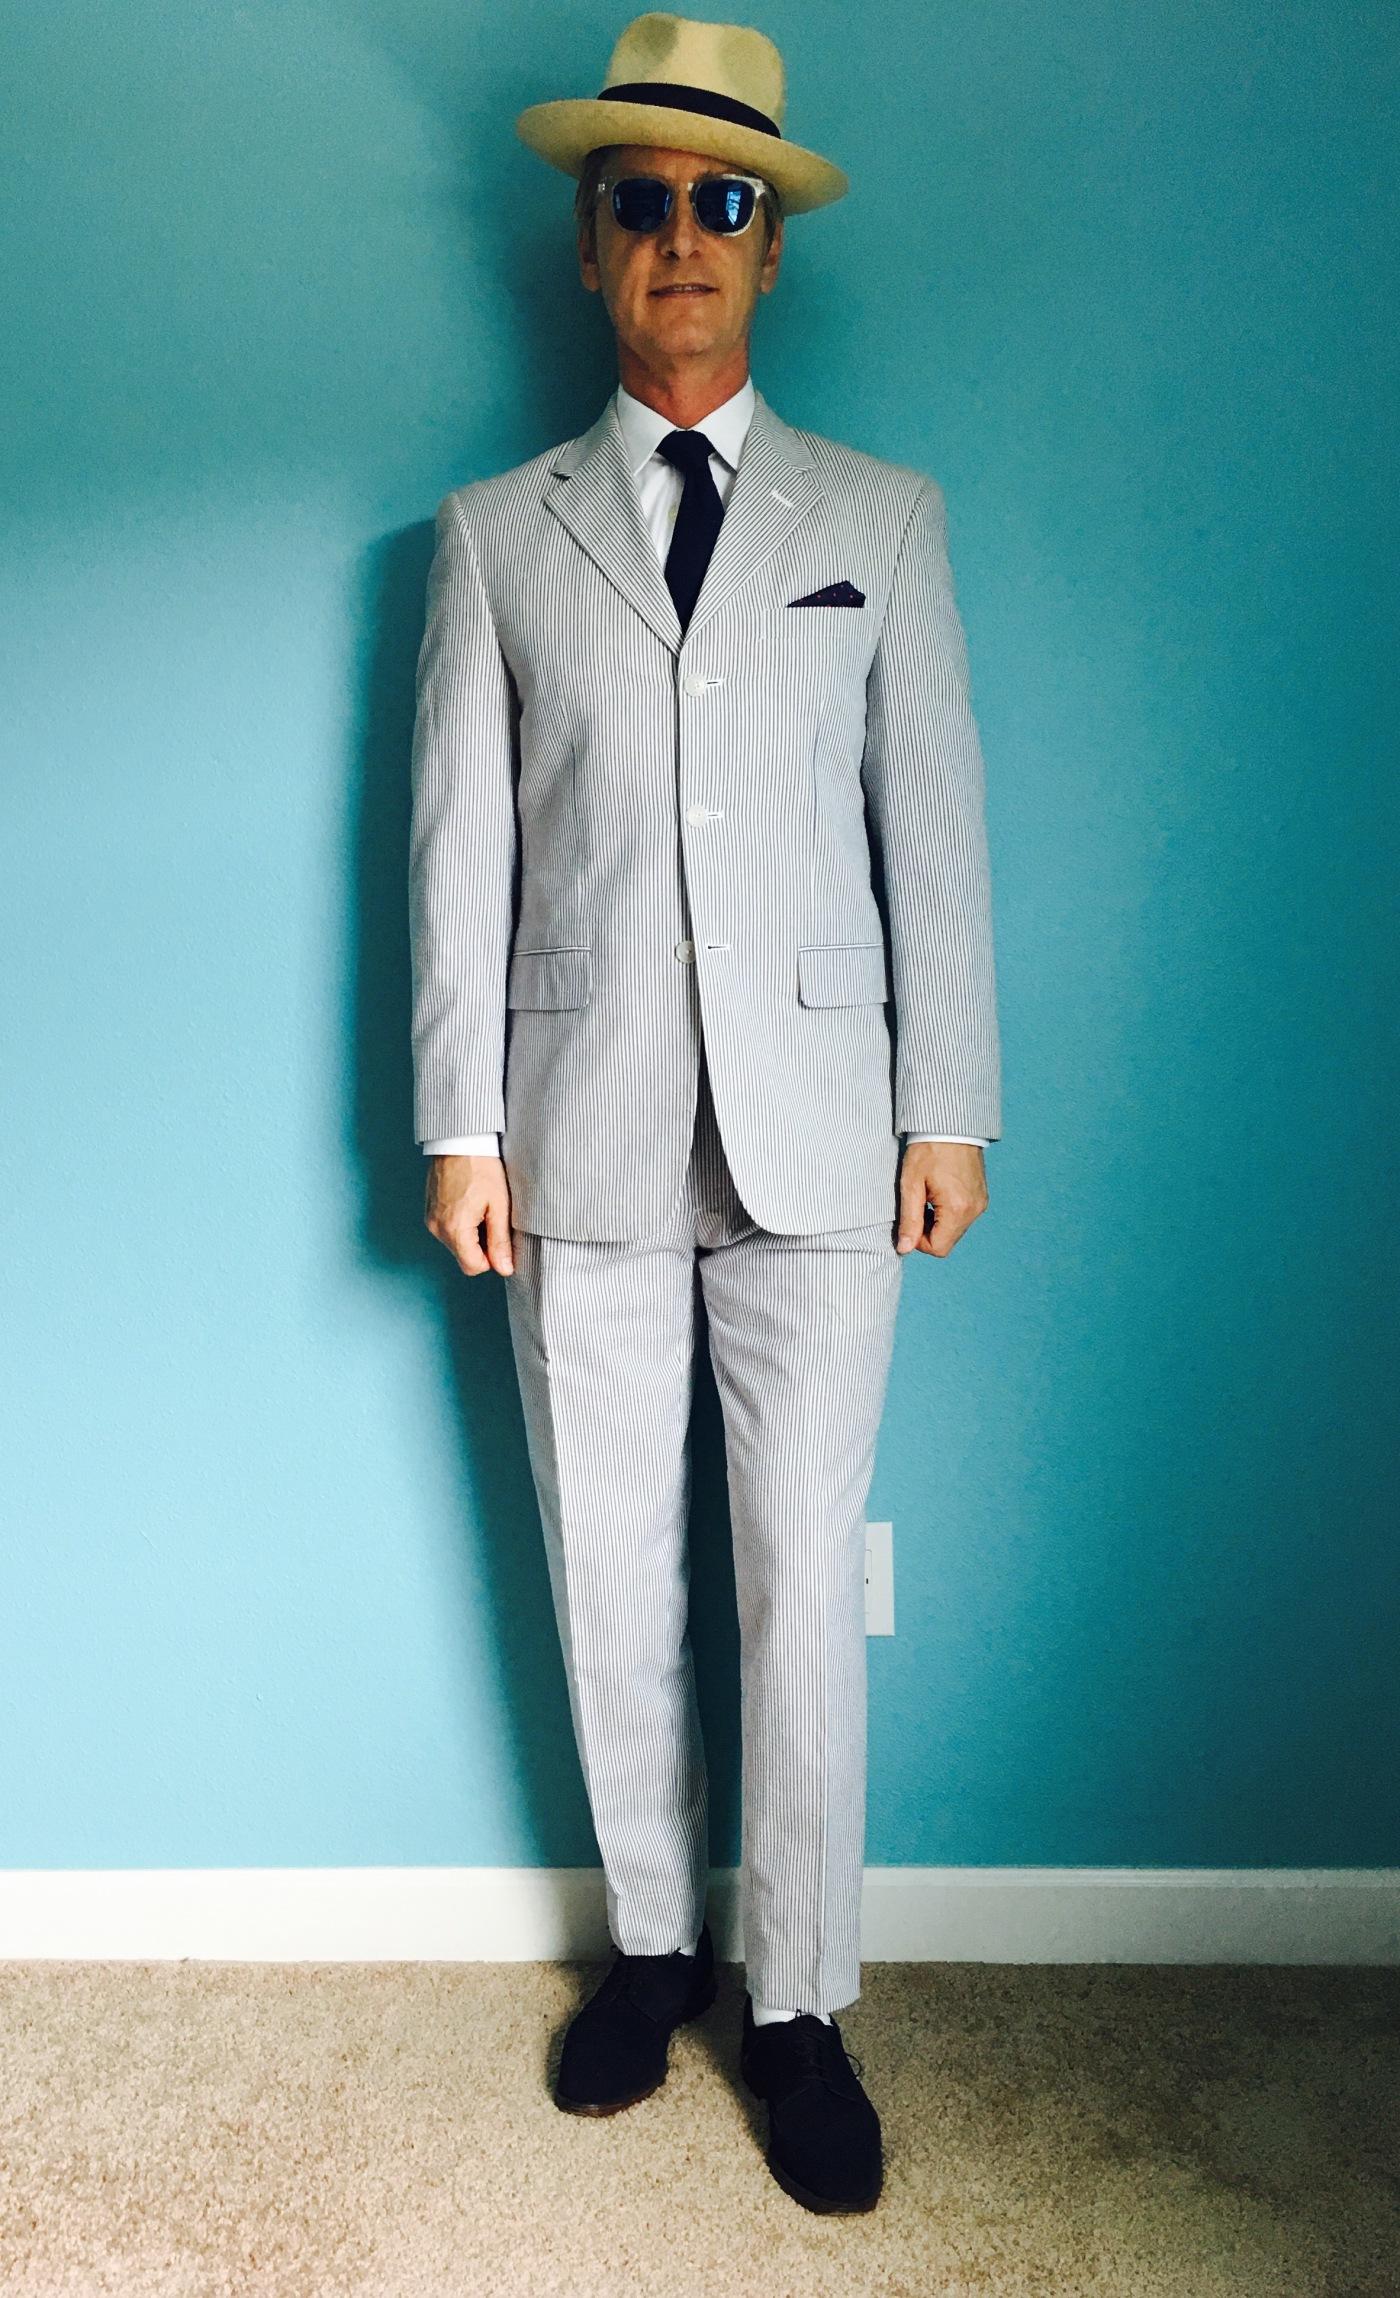 Rod S Togs The Seersucker Suit Again Rod S Mod Blog